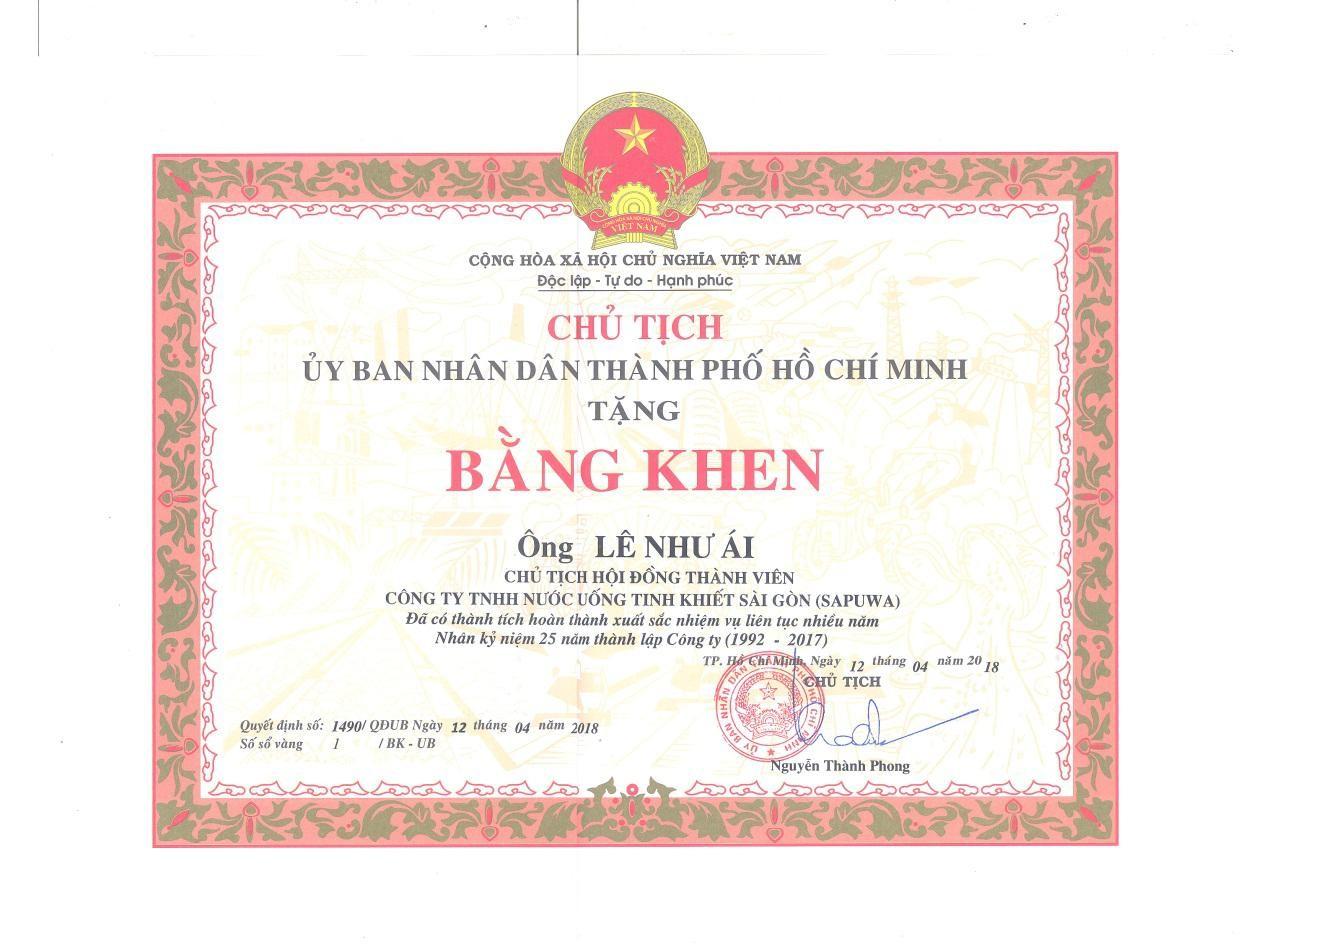 SAPUWA - Công Ty TNHH Nước Uống Tinh Khiết Sài Gòn